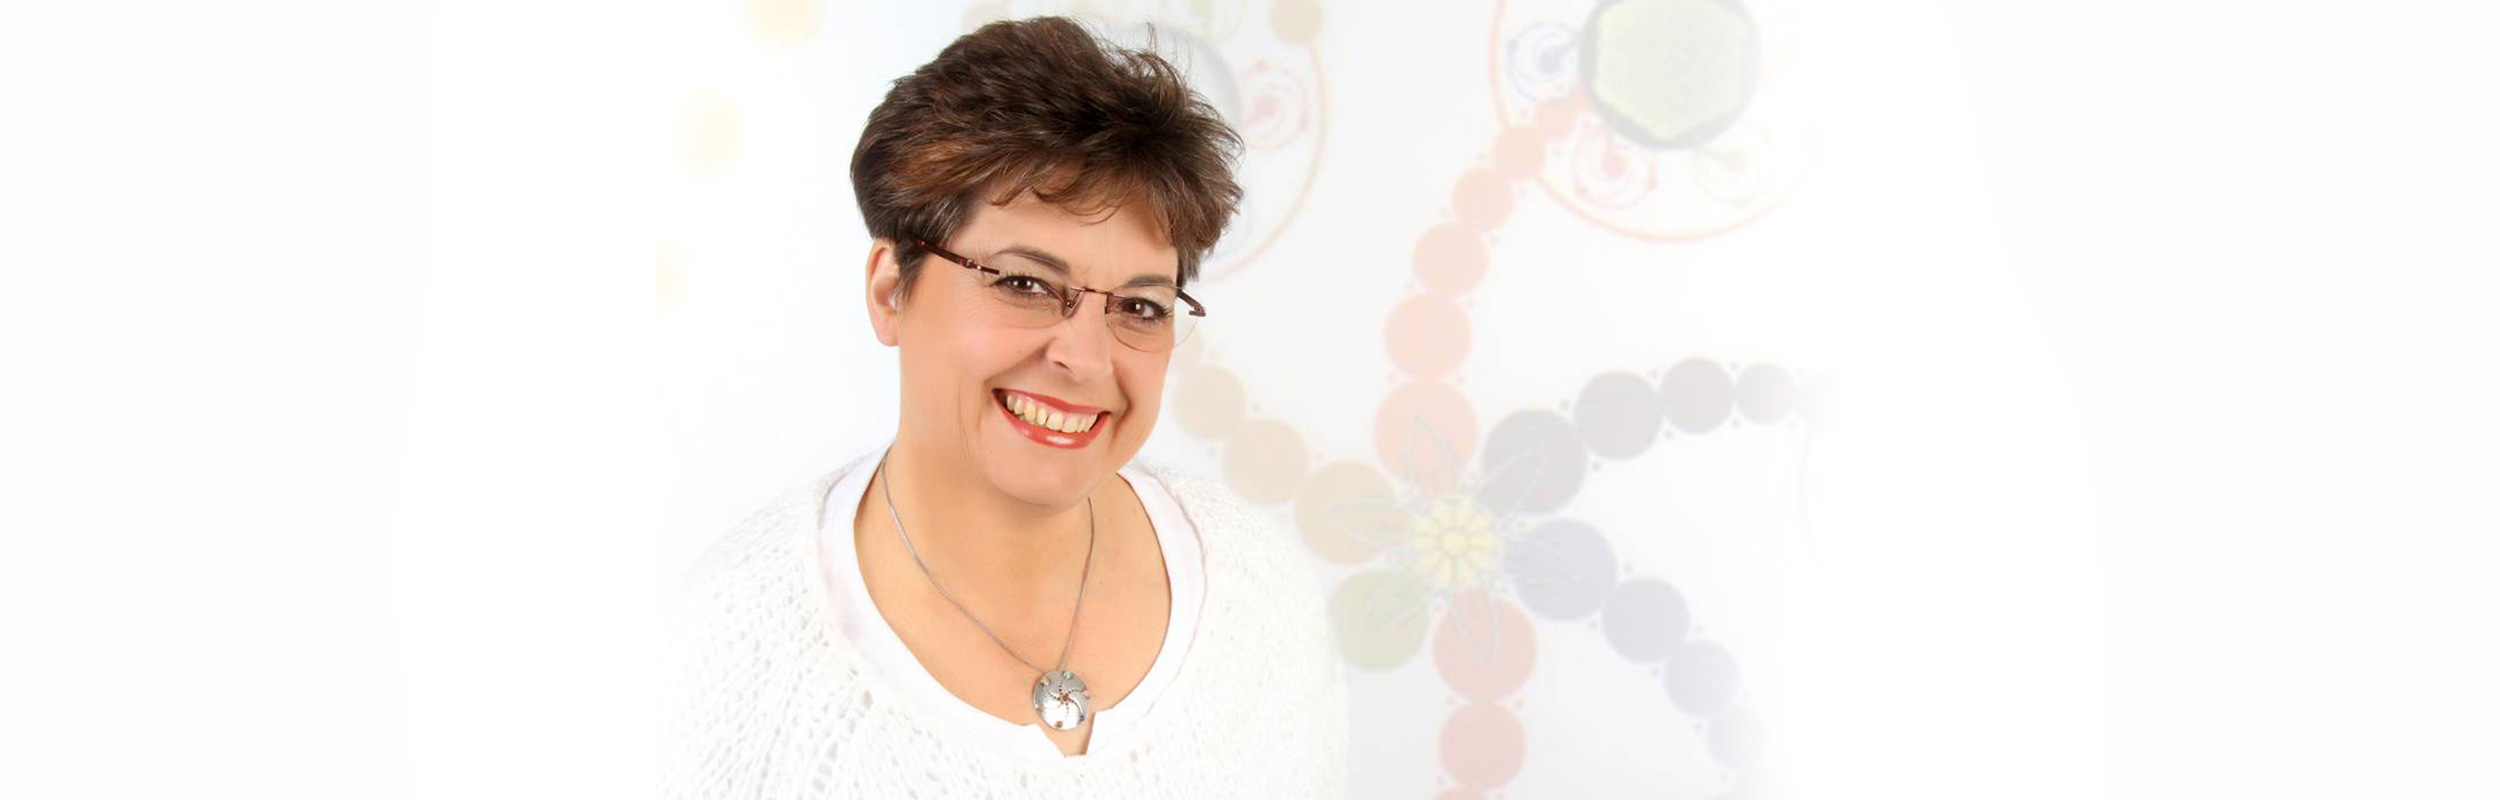 Susanne Vogt - Coburg